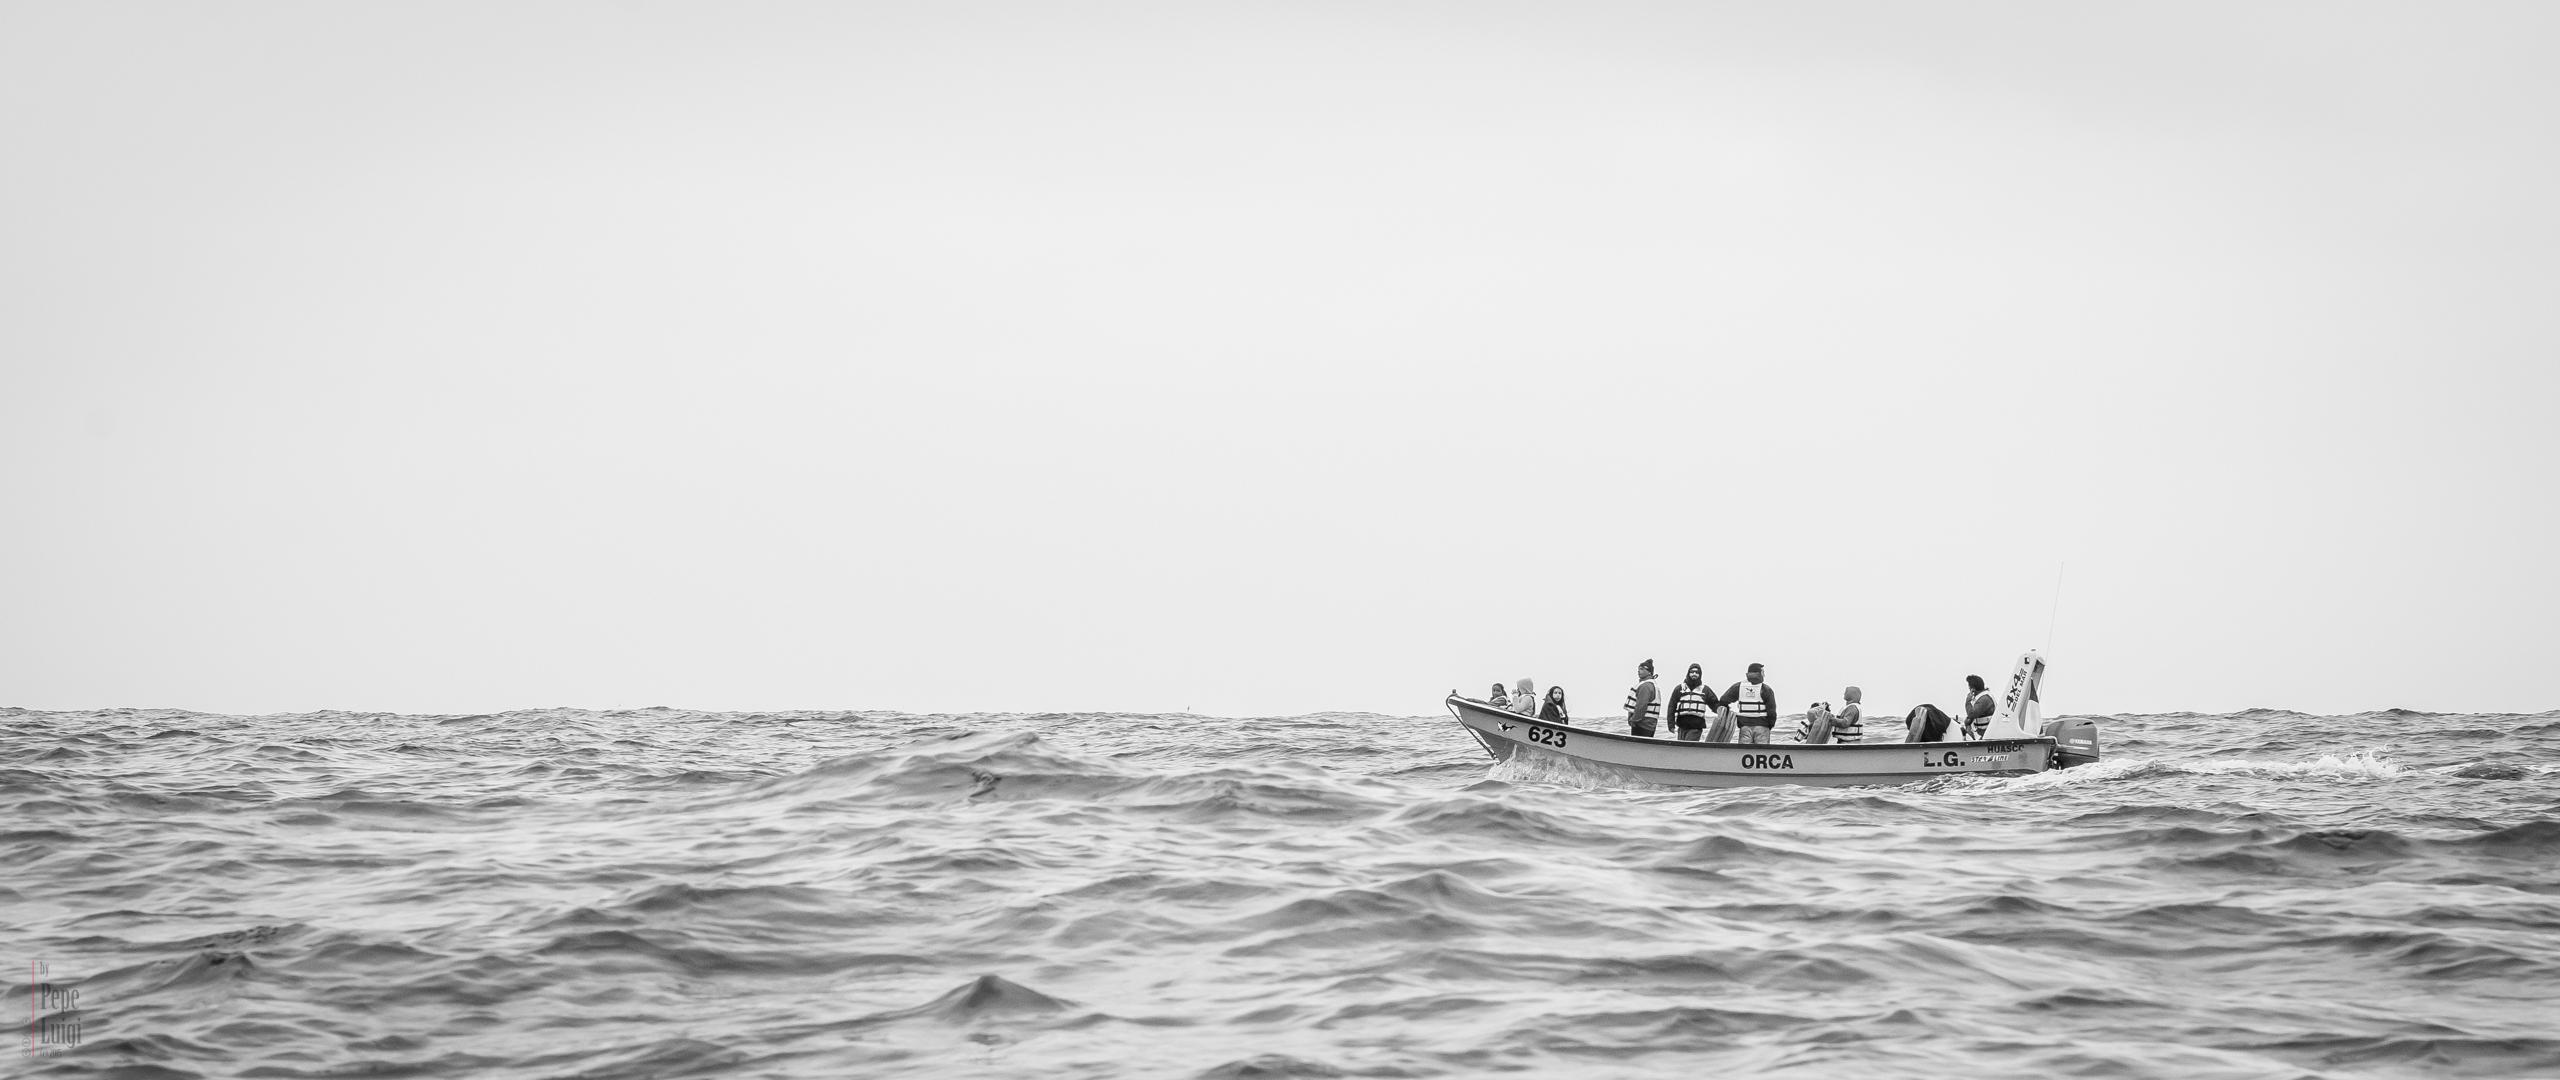 Avistamiento de Cetaceos | Isla Chañaral | Reserva Nacional Pingüino de Humboldt | Chañaral de Aceituno